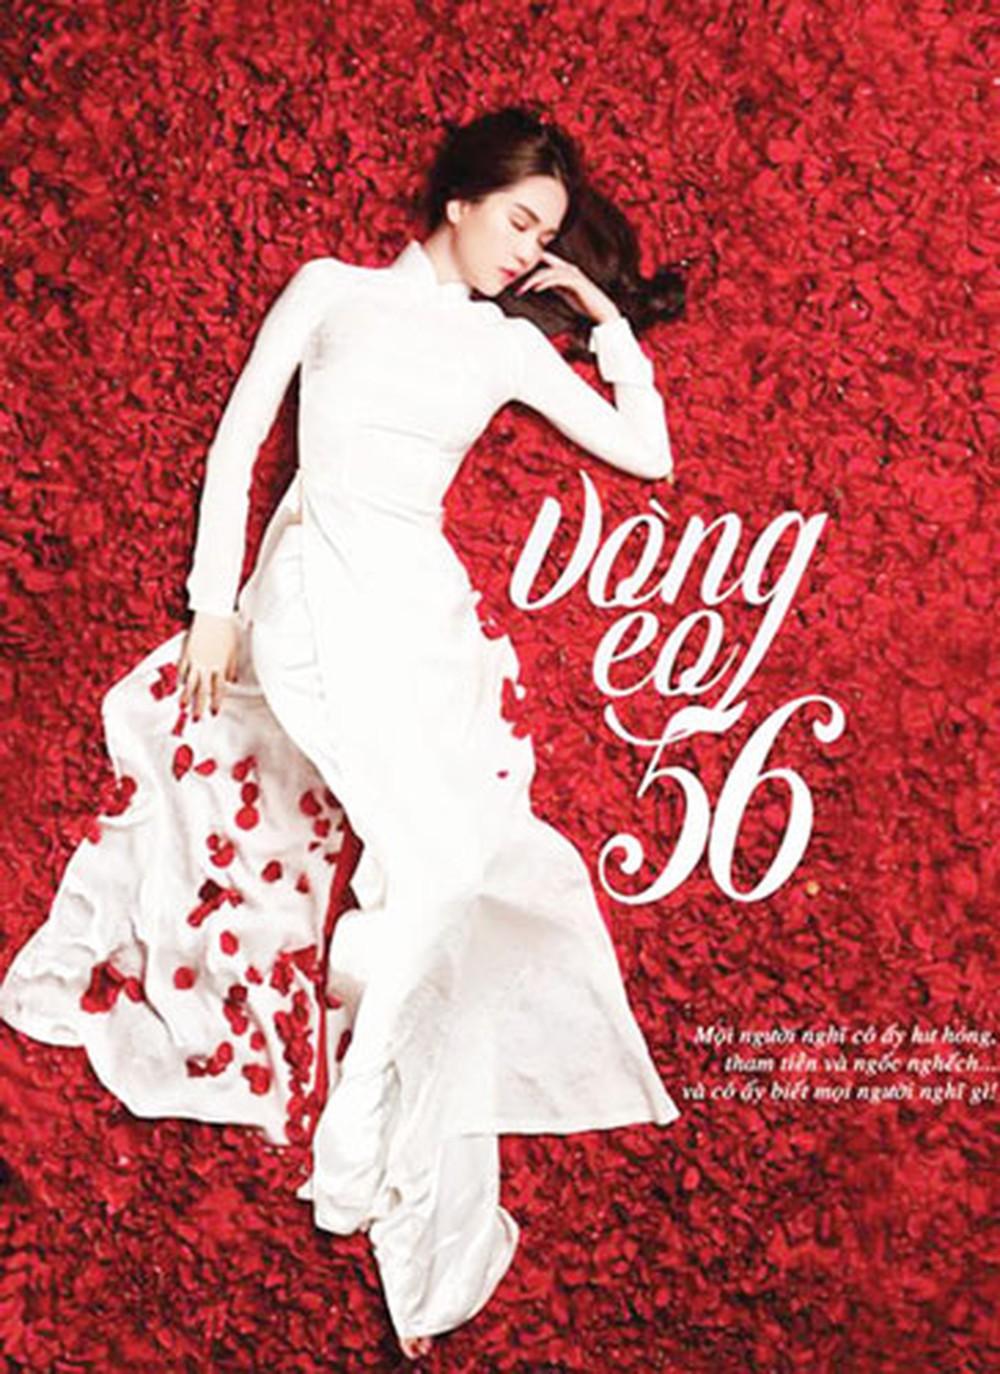 Trước khi chơi lớn tại Cannes, Ngọc Trinh có thật là hotgirl mạng xã hội như dân Trung đồn? - Ảnh 1.